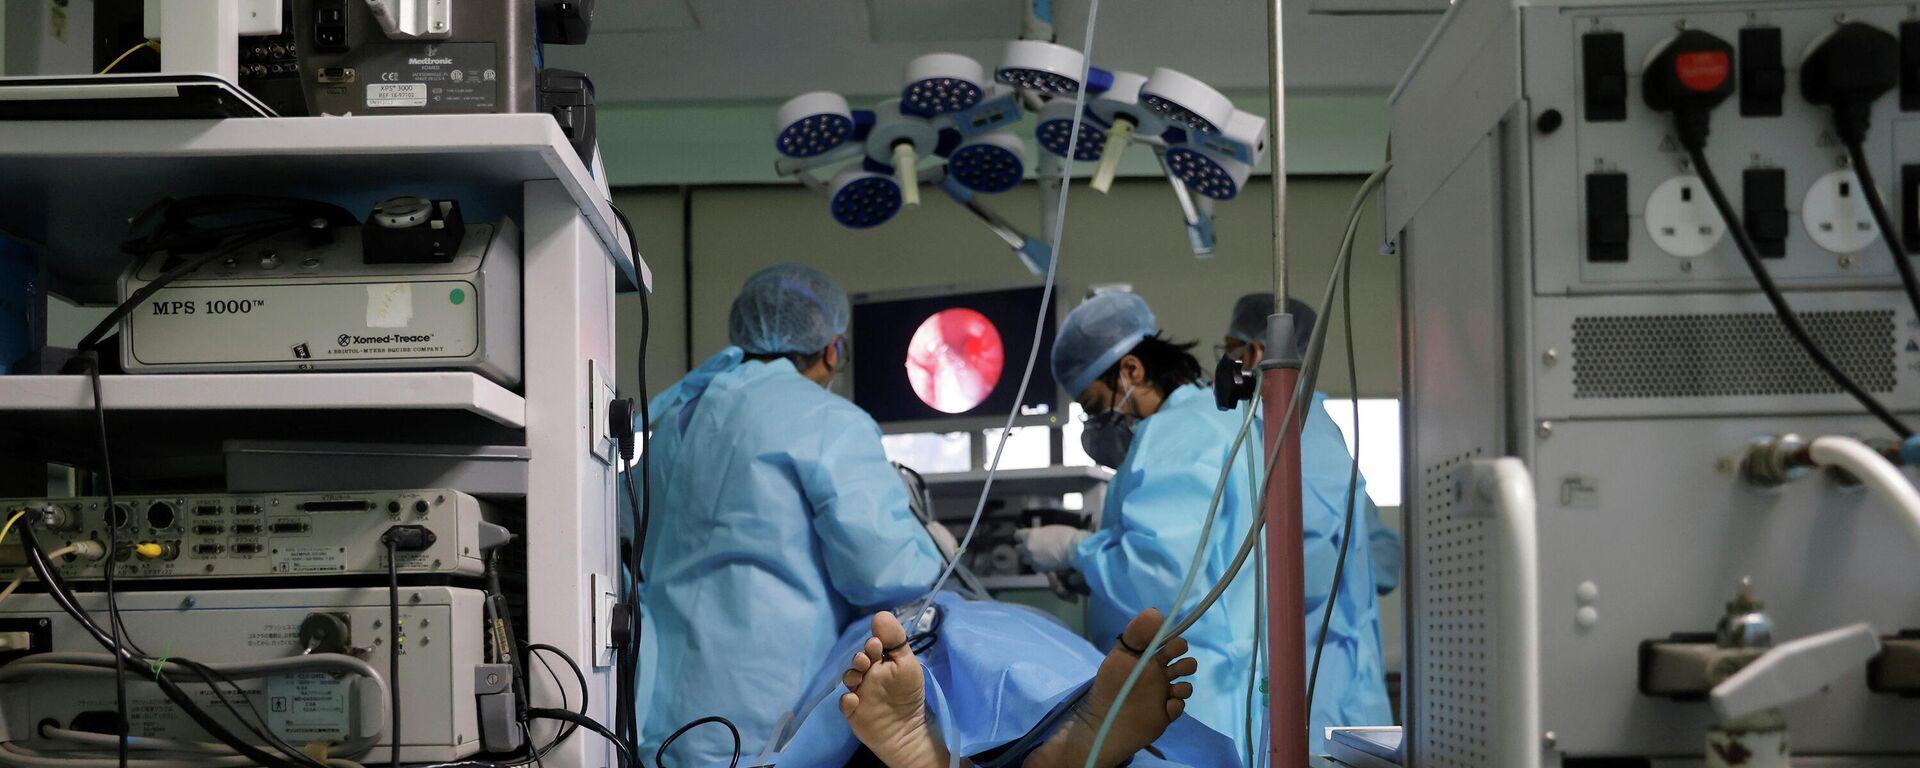 Médicos realizan una endoscopia a un paciente con hongo negro o mucormicosis en Nueva Deli, India - Sputnik Mundo, 1920, 02.06.2021